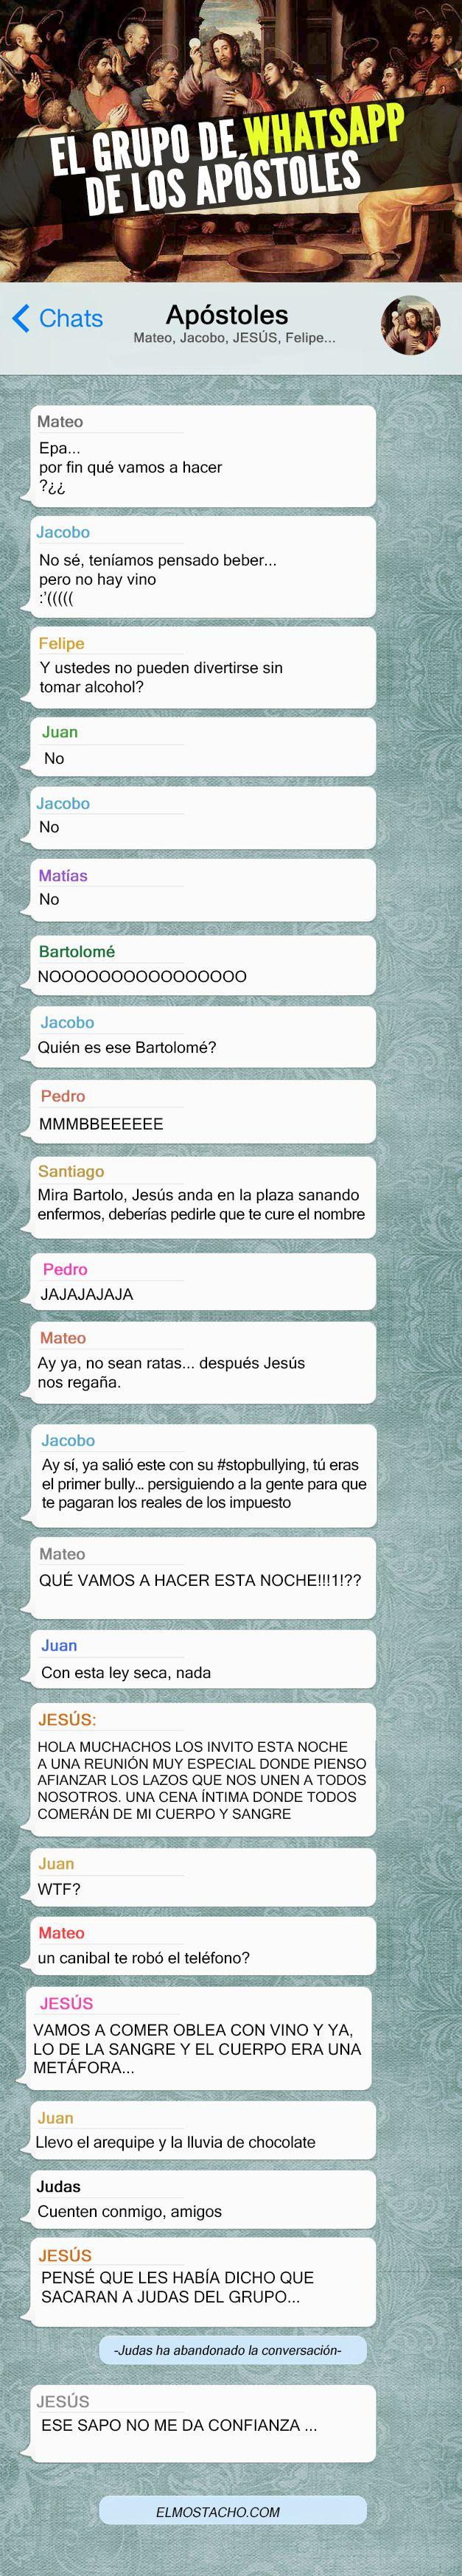 El Grupo de Whatsapp de: Los Apóstoles | El Mostacho